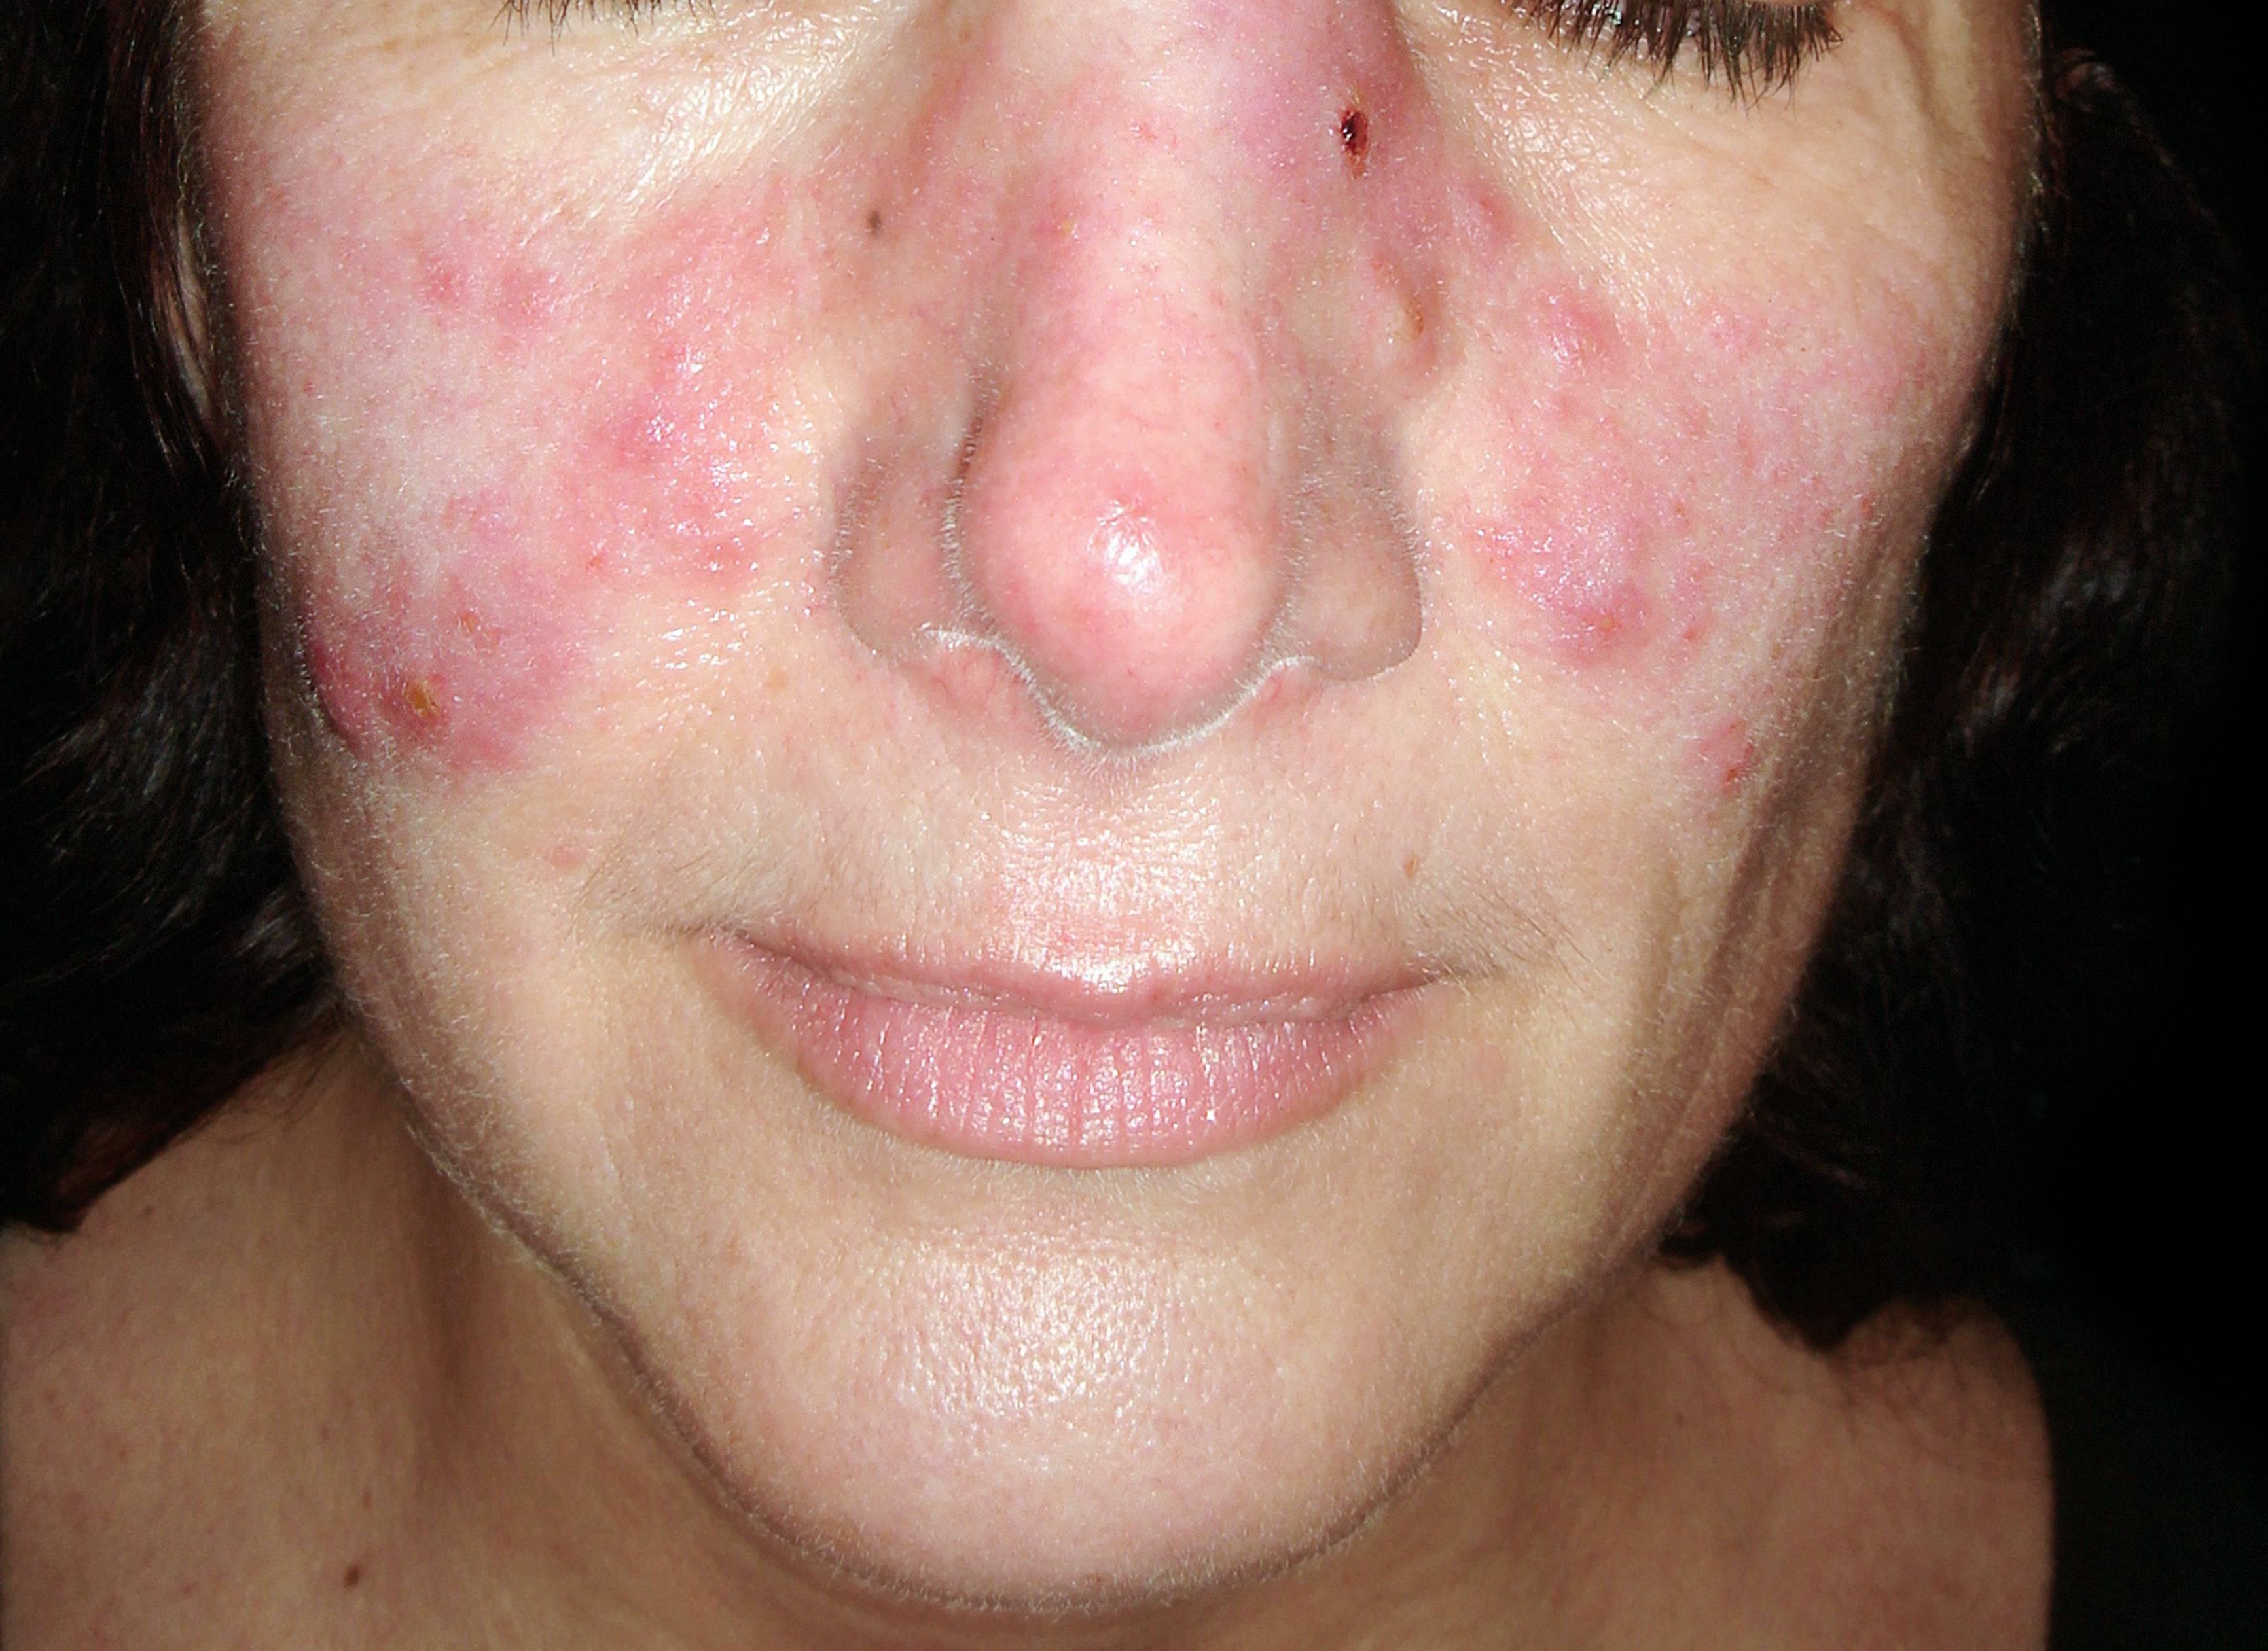 vörös foltok az arcon a streptoderma után